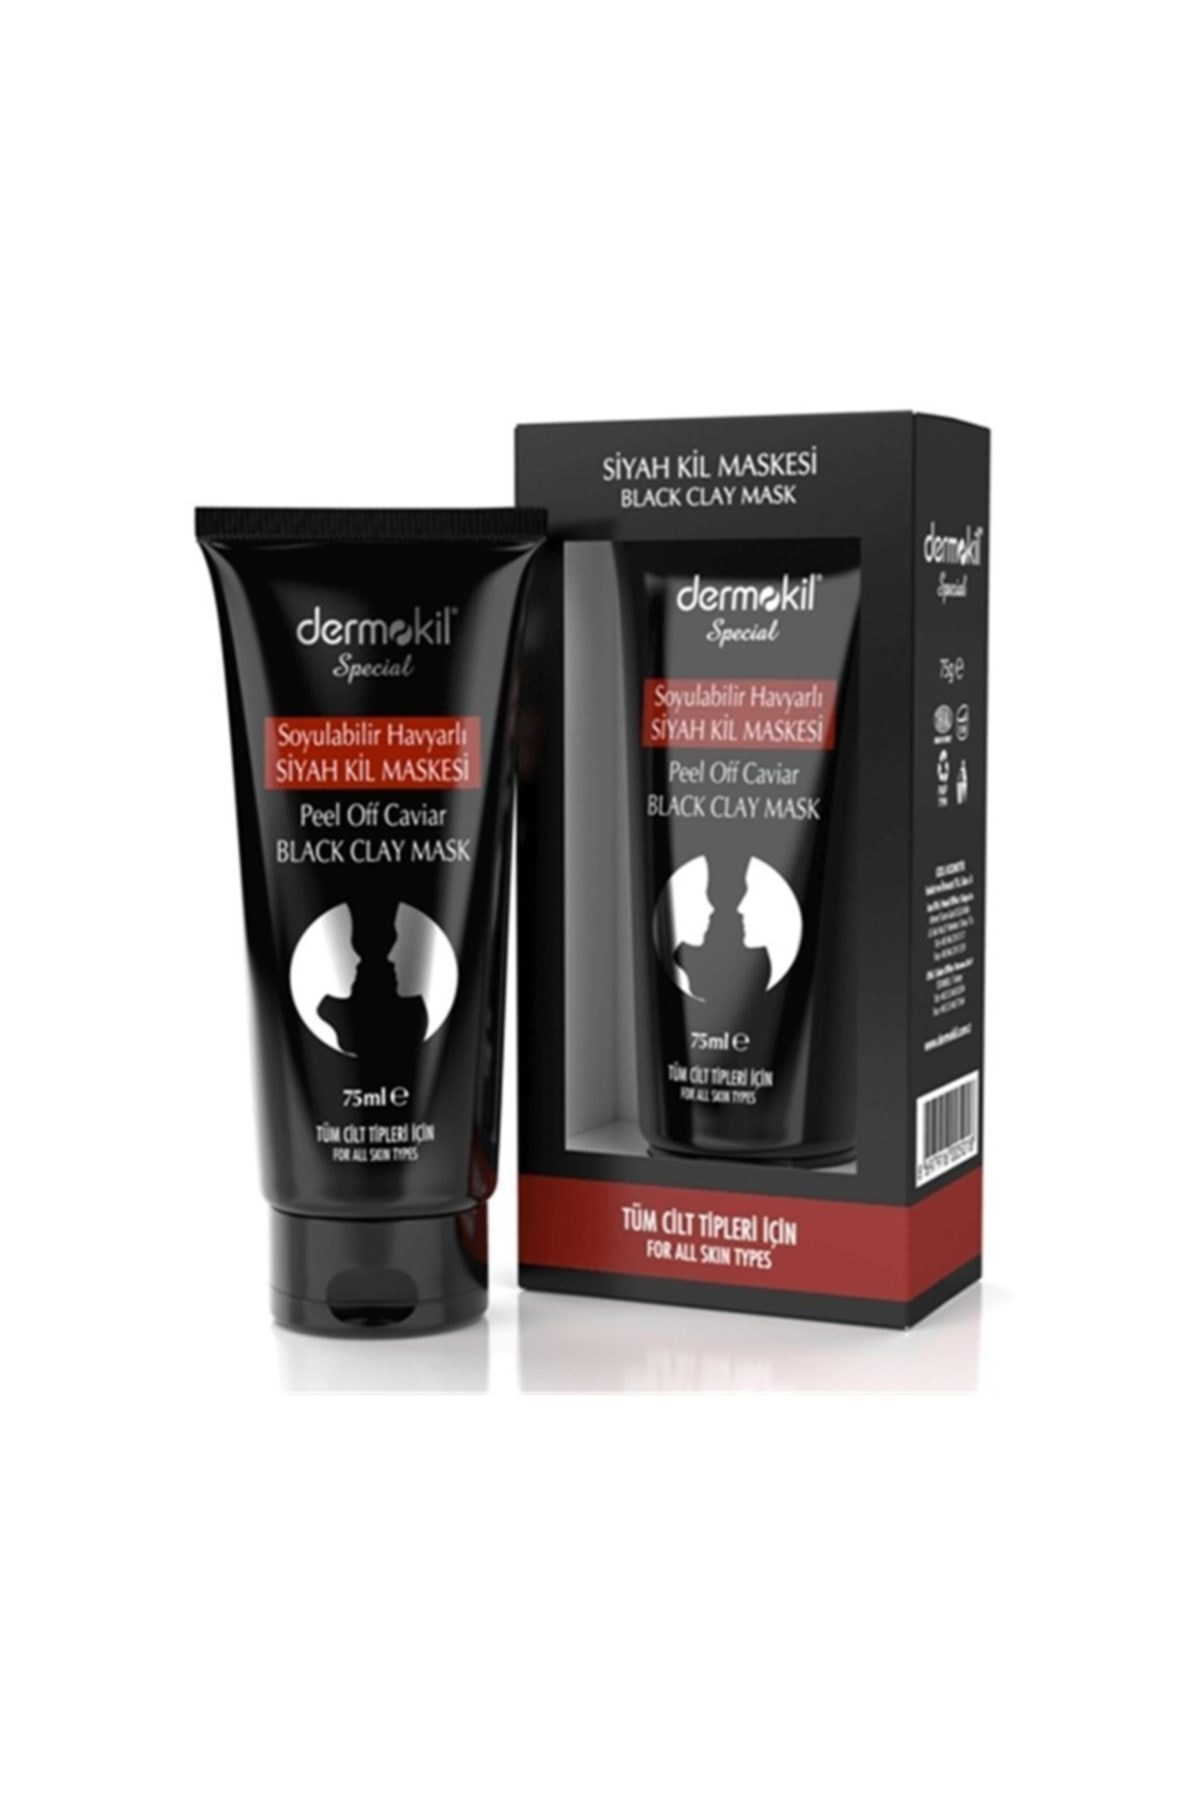 Dermokil Special Soyulabilir Havyarlı Siyah Kil Maskesi Tüm Cilt Tipleri 75 Ml 1